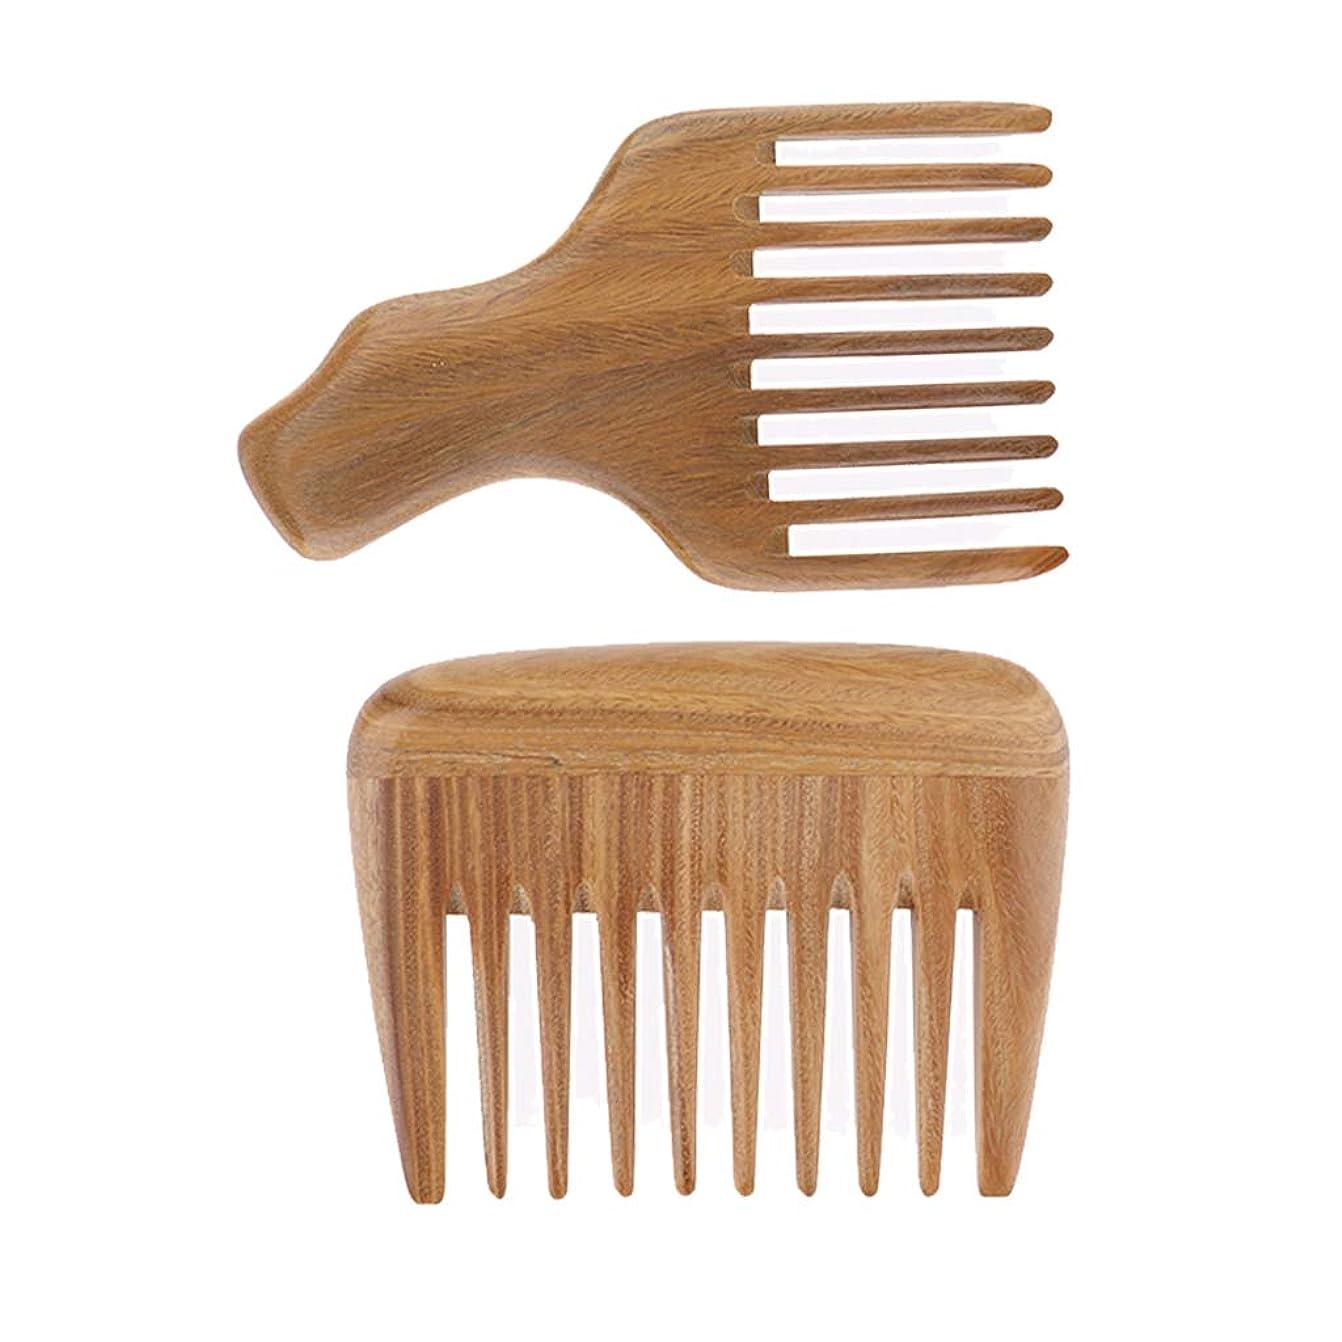 汚物傑出した無実ヘアブラシ ヘアダイコーム 櫛 ヘアコーム 木製コーム 粗い 頭皮マッサージ ツール 2個入り